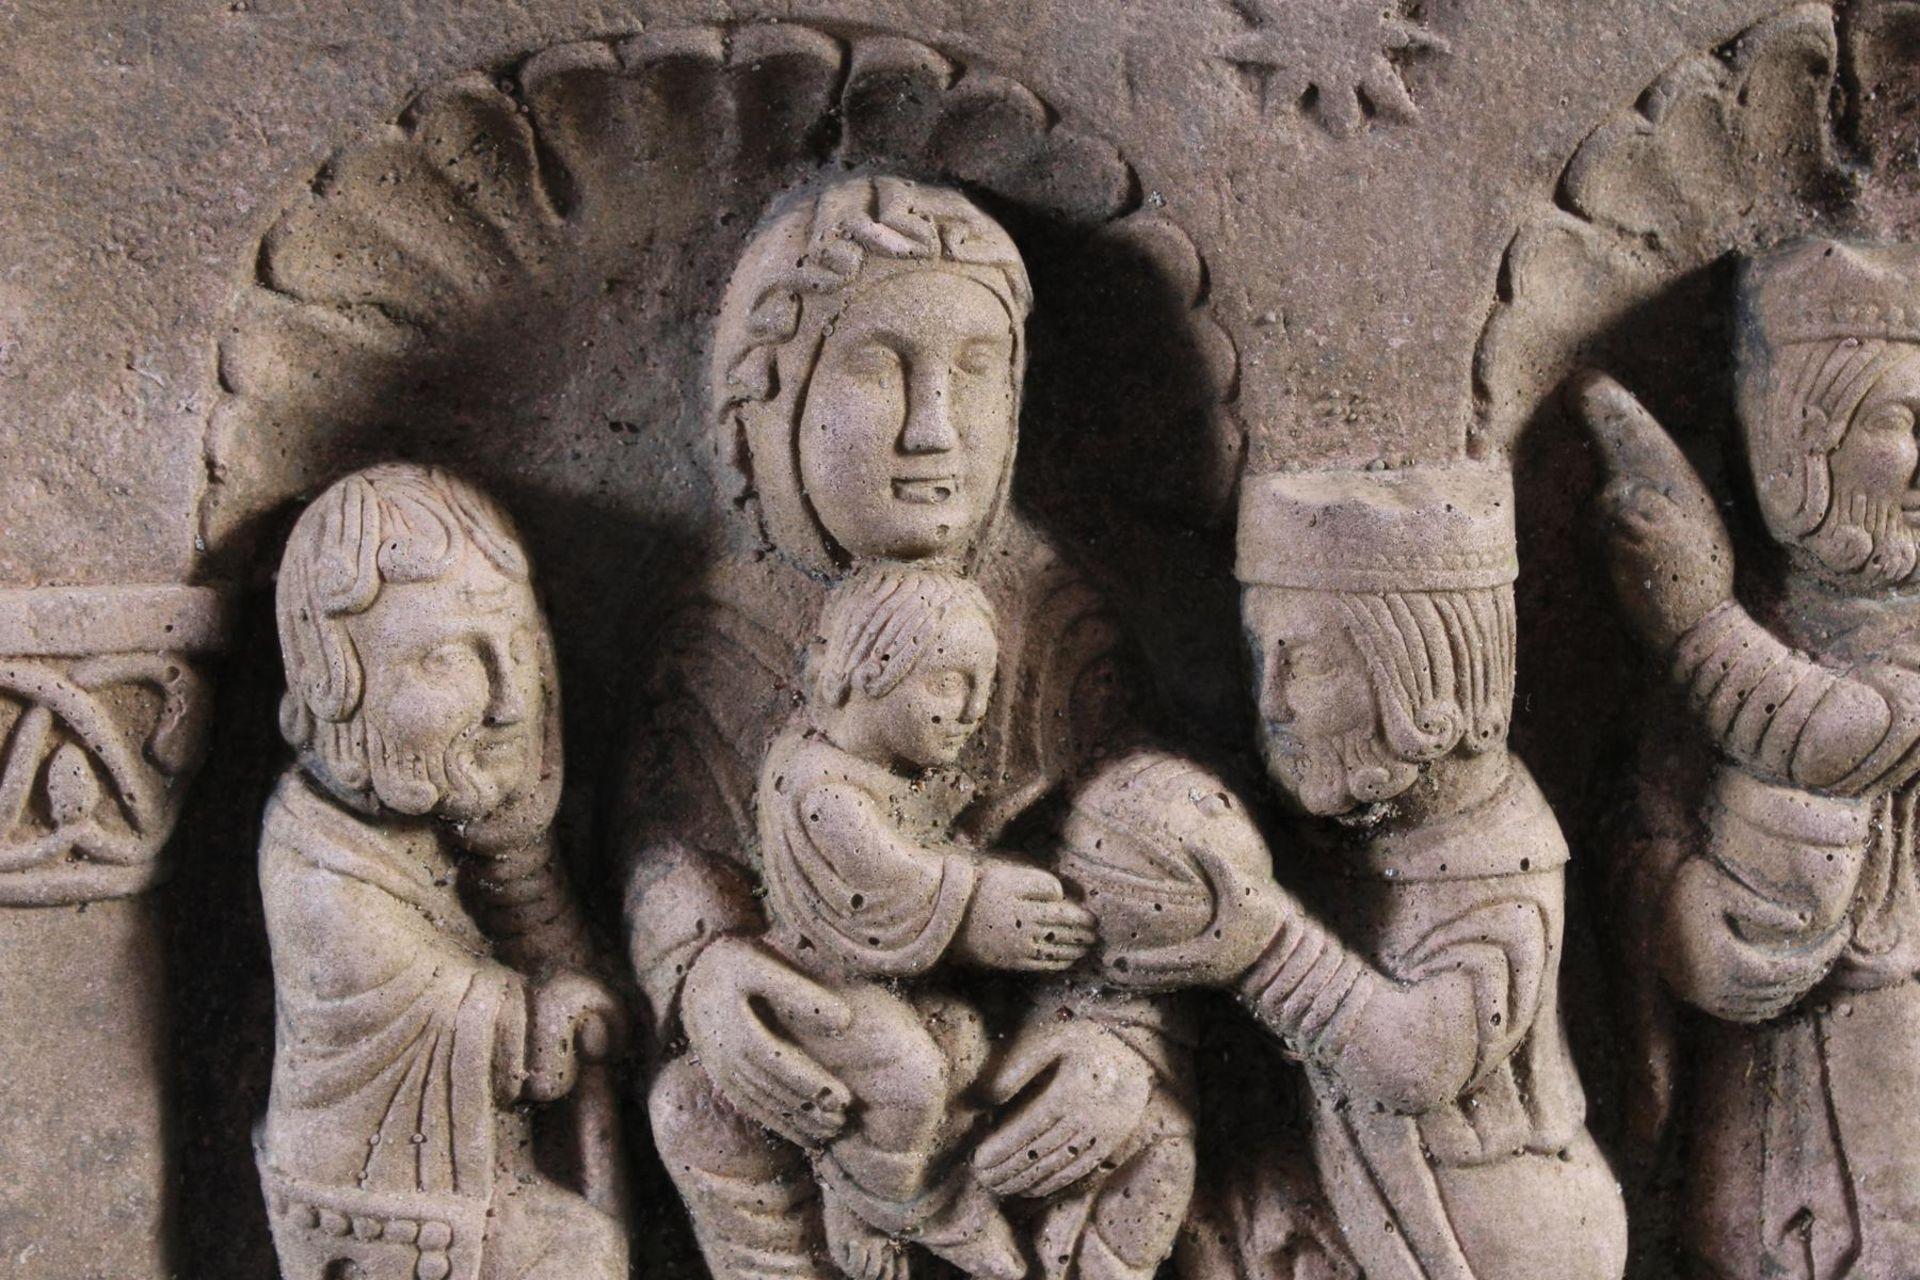 Sandstein Gussrelief - Bild 4 aus 10